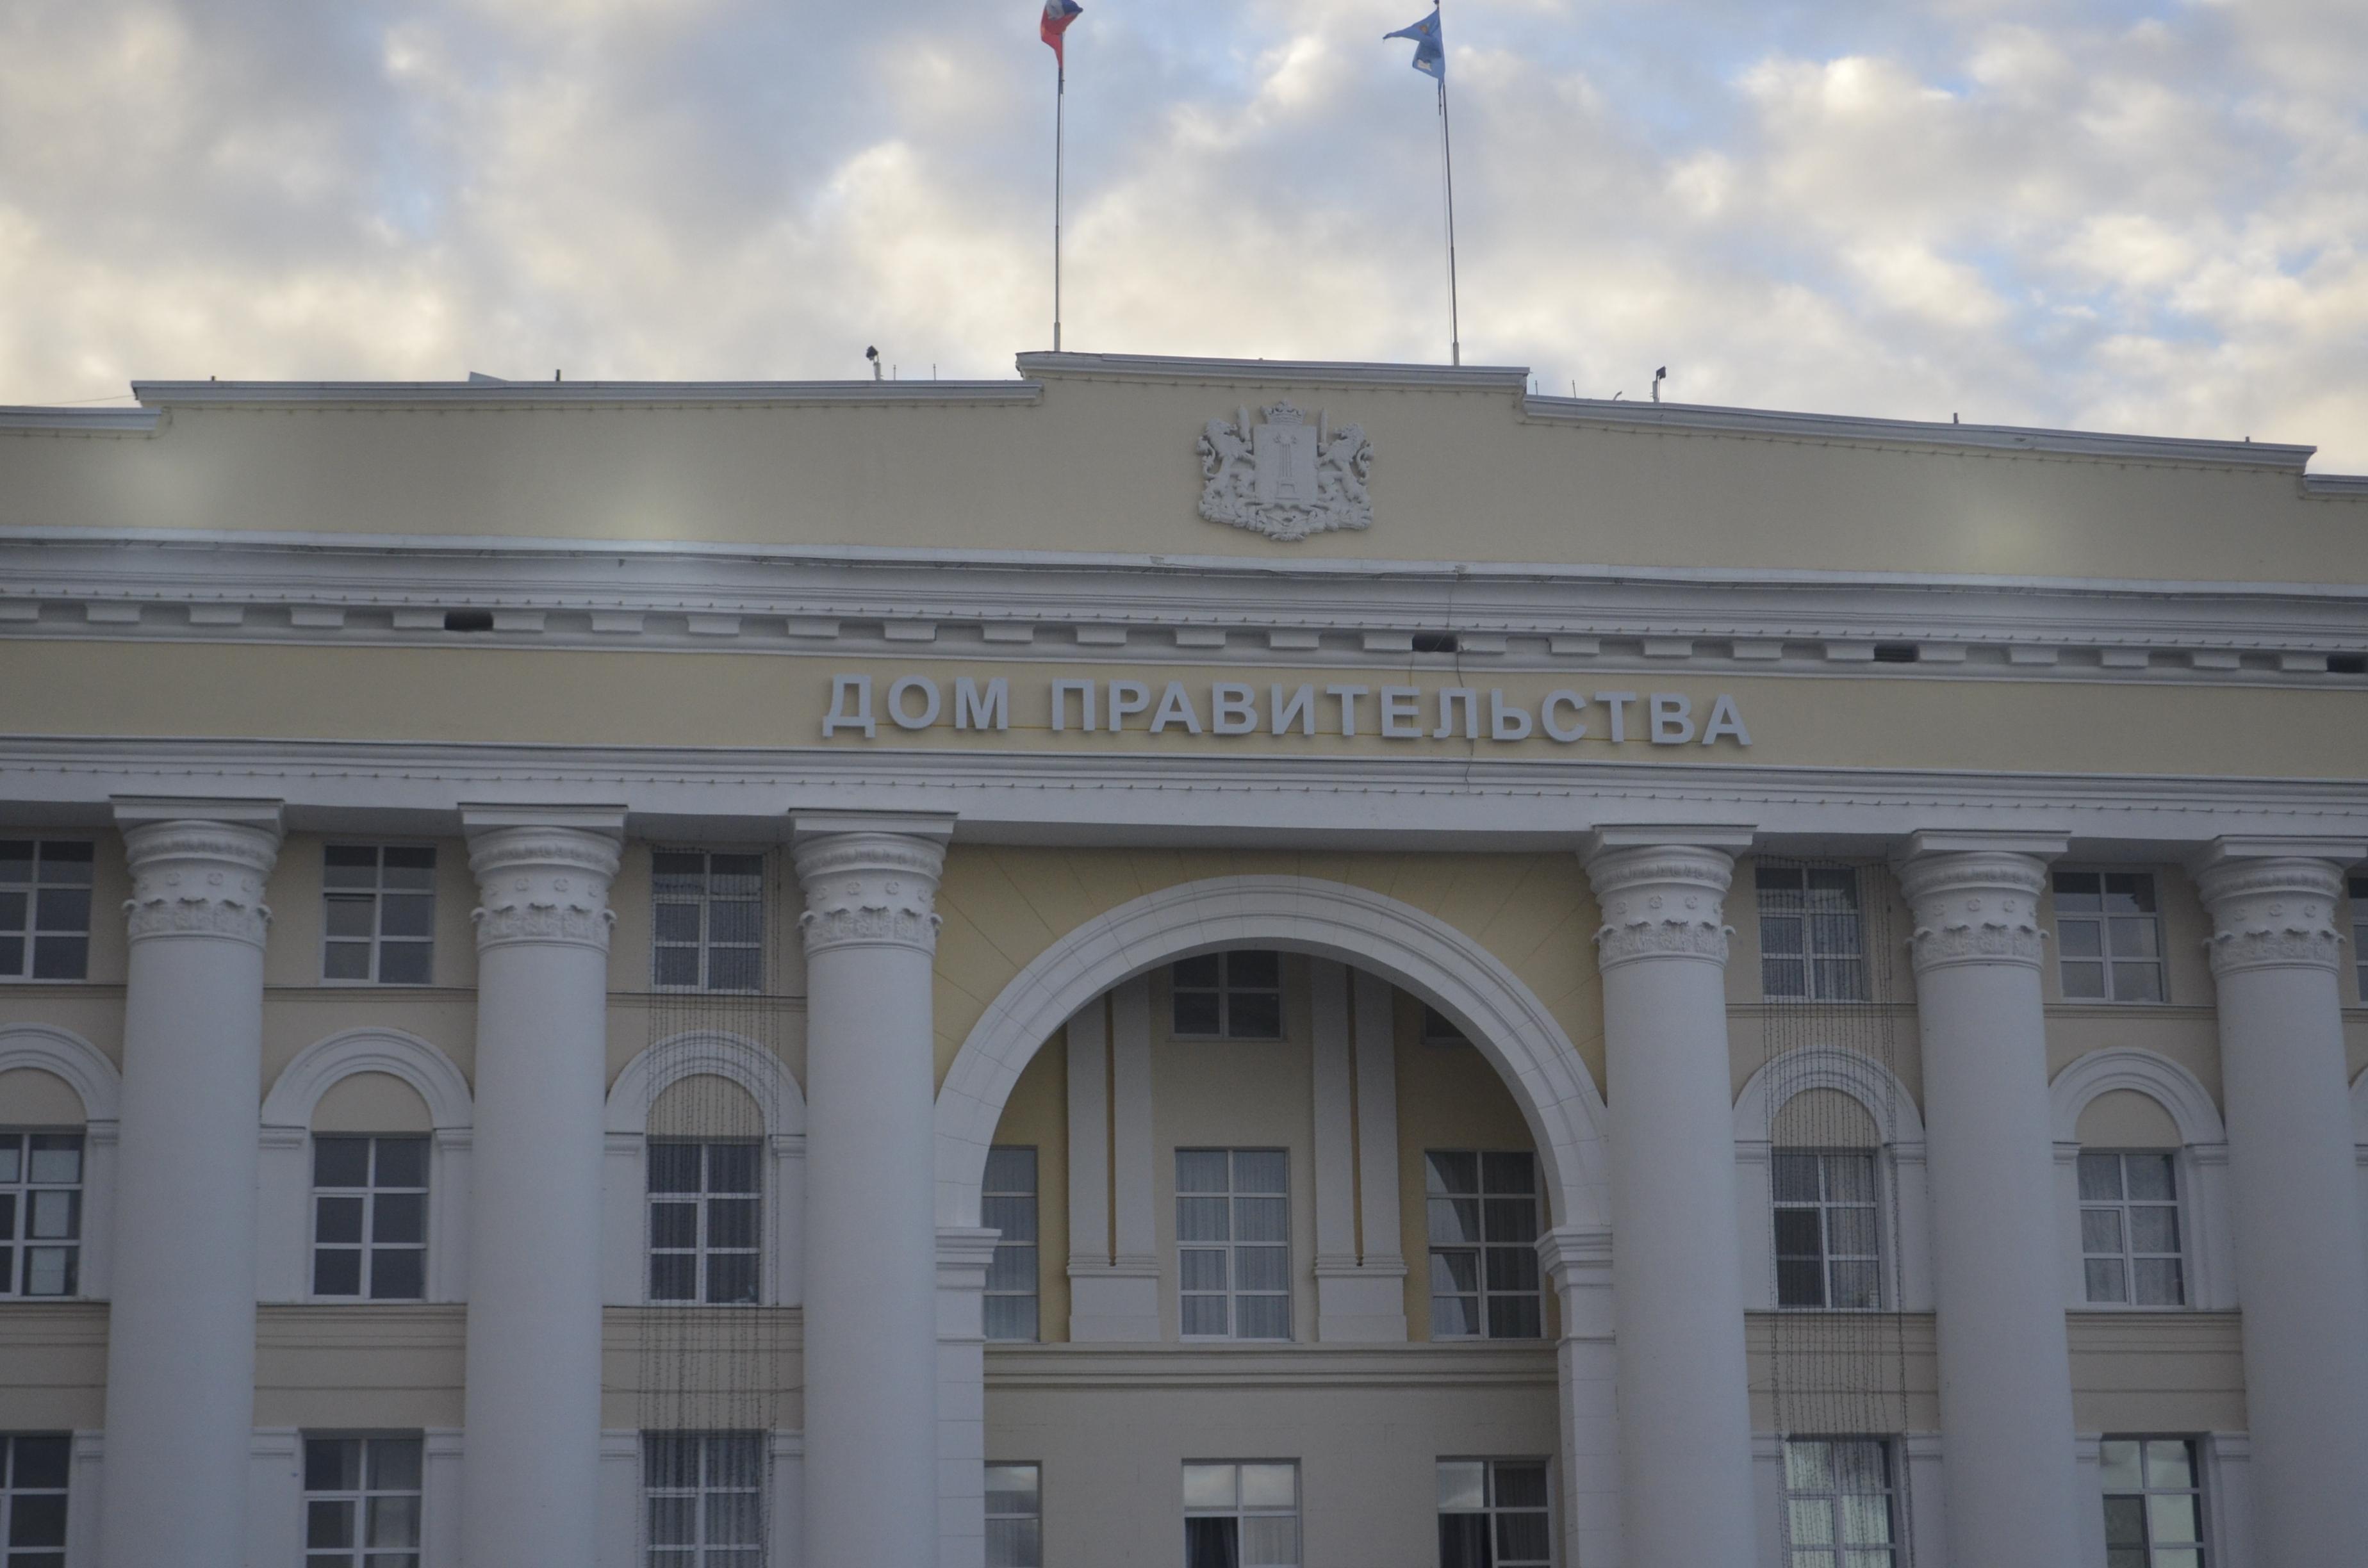 Марий Элзаняла 40 место врейтинге информационной открытости органов власти